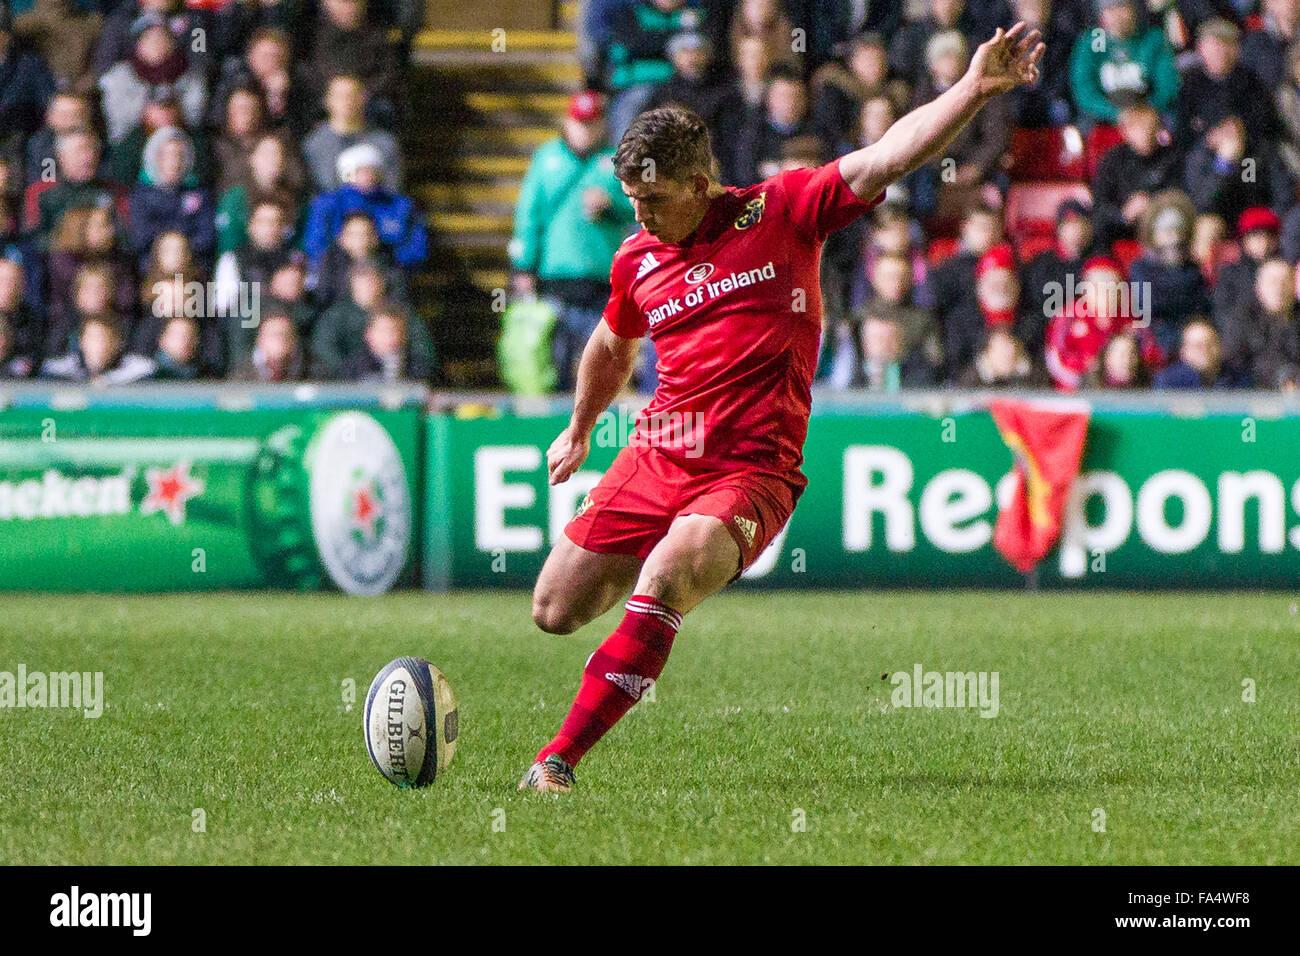 Leicester, Angleterre, 20 décembre 2015. La SCGDE v Leicester Munster Munster's Ian Keatley prend une pénalité.tigres Photo Stock